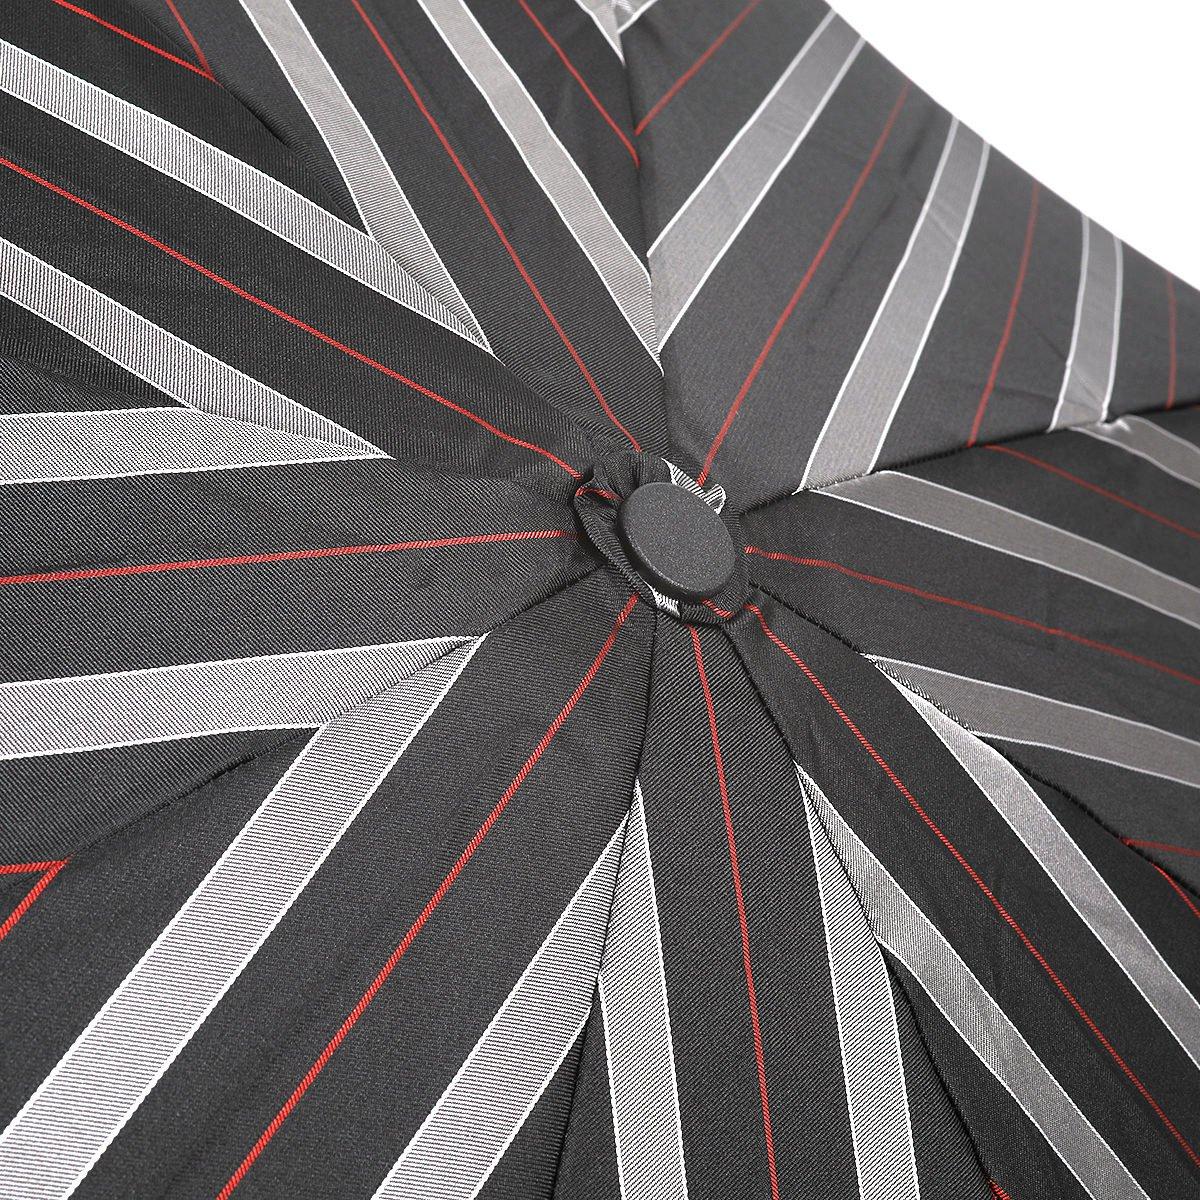 【セール】オルタネート ストライプ 耐風骨 折りたたみ傘 詳細画像5